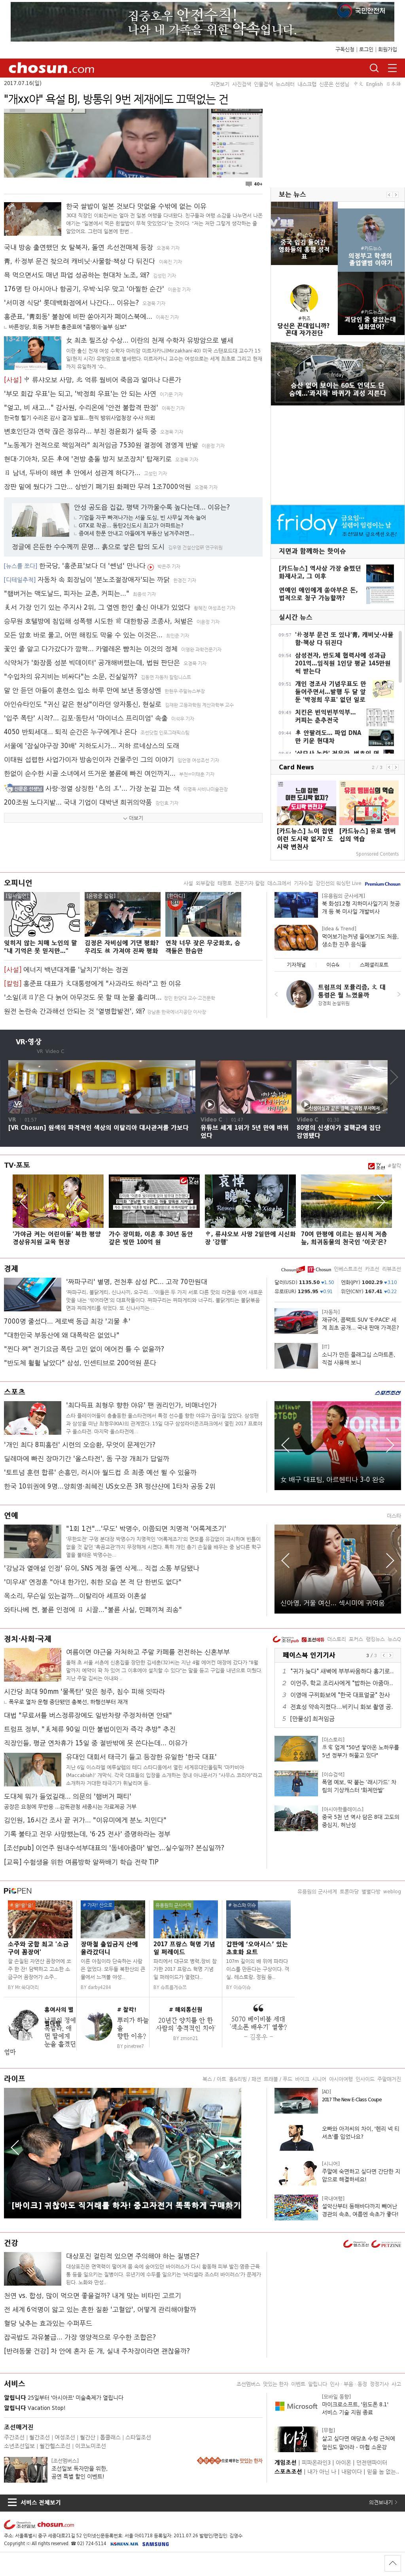 chosun.com at Sunday July 16, 2017, 11:02 a.m. UTC